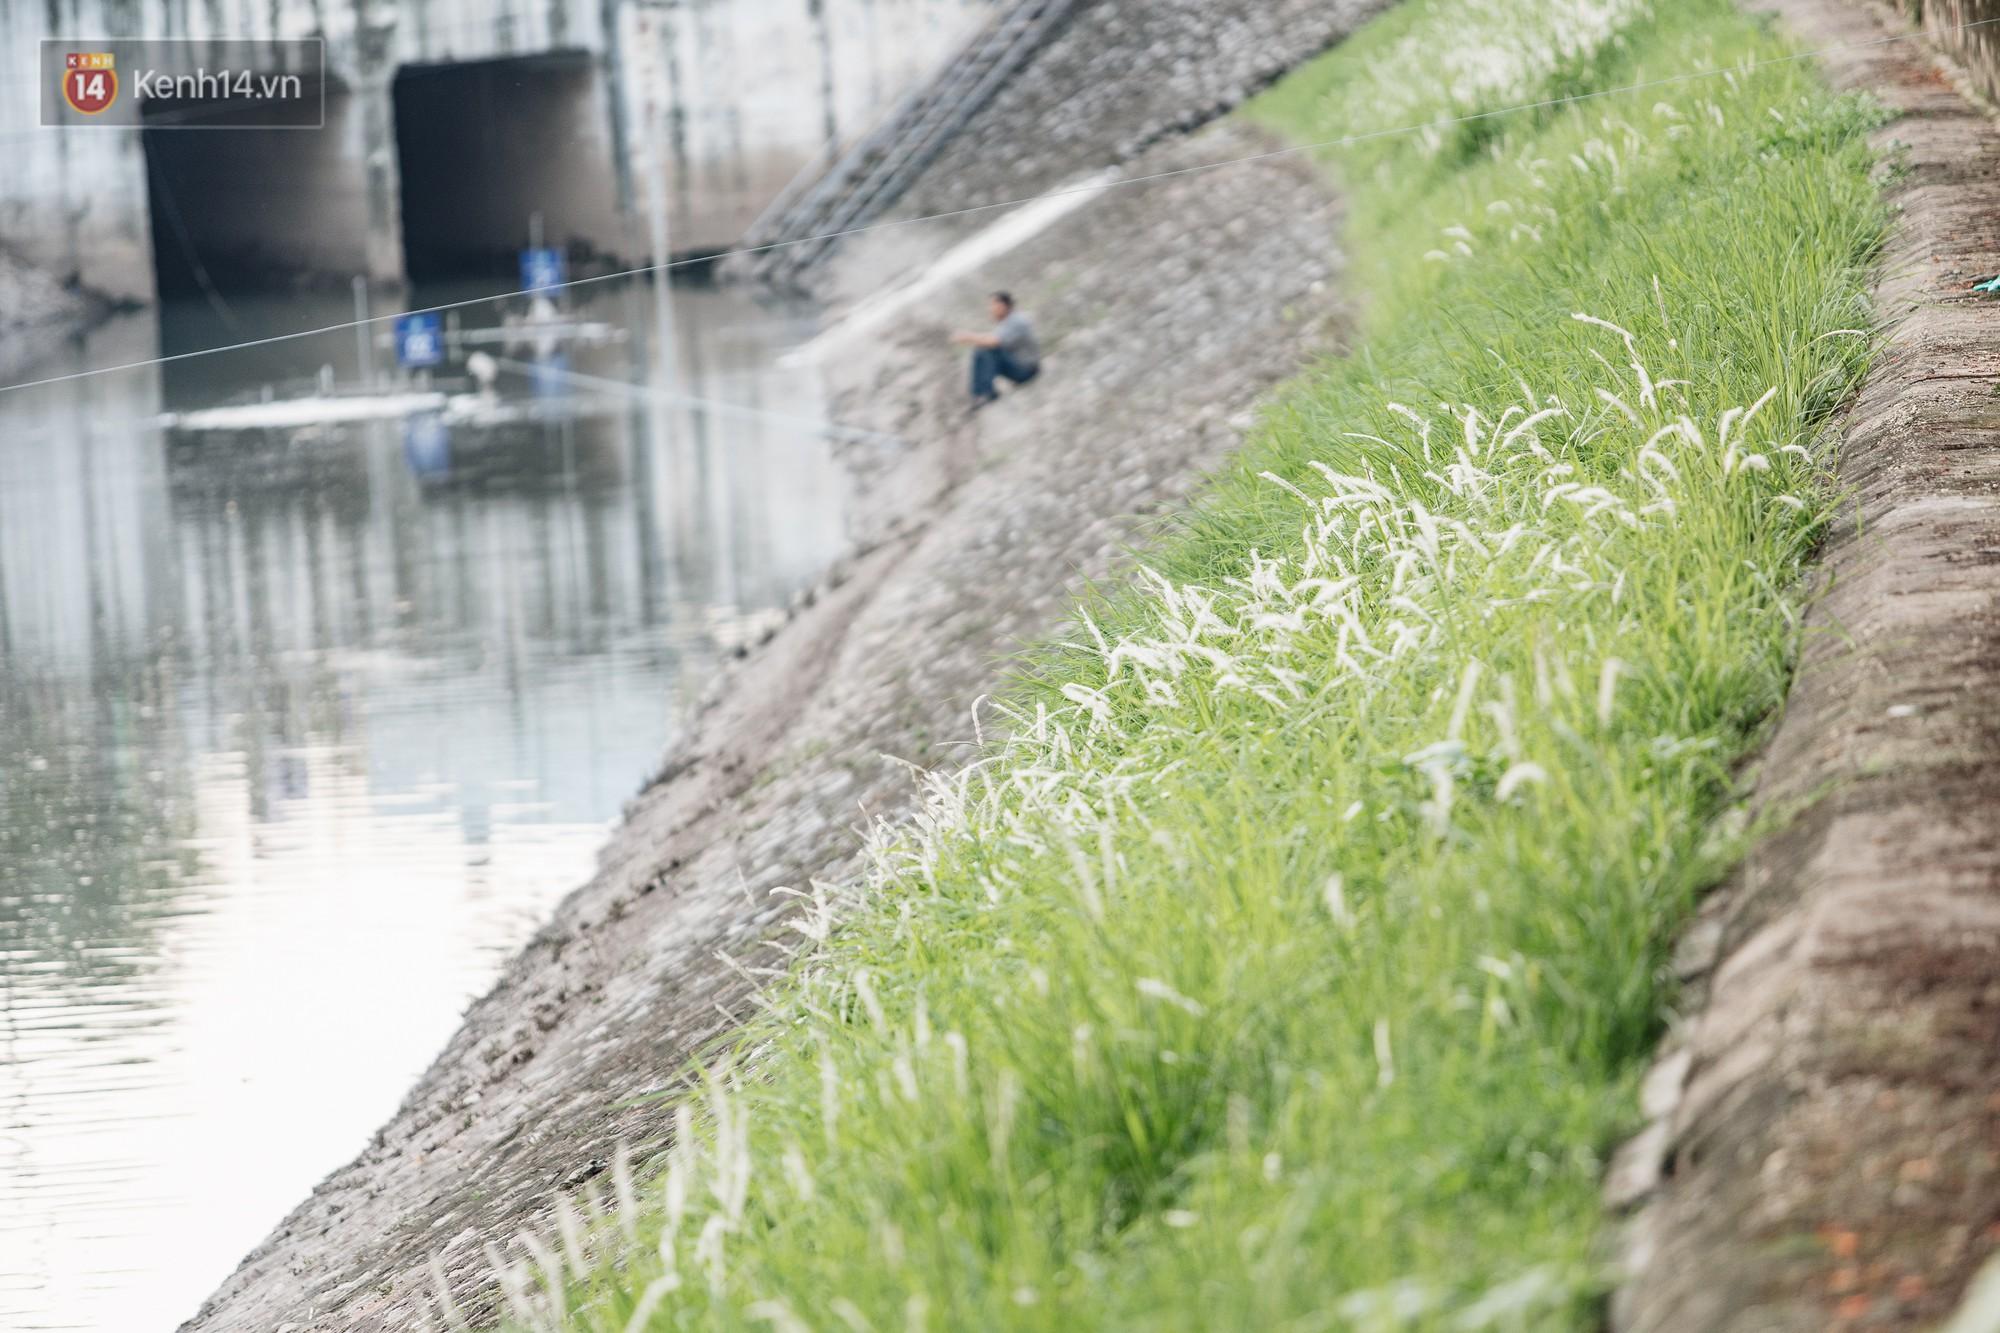 Sông Tô Lịch đổi màu sau khi làm sạch bằng công nghệ Nhật Bản: Hoa lau xanh mướt, người dân thư thả câu cá - Ảnh 6.